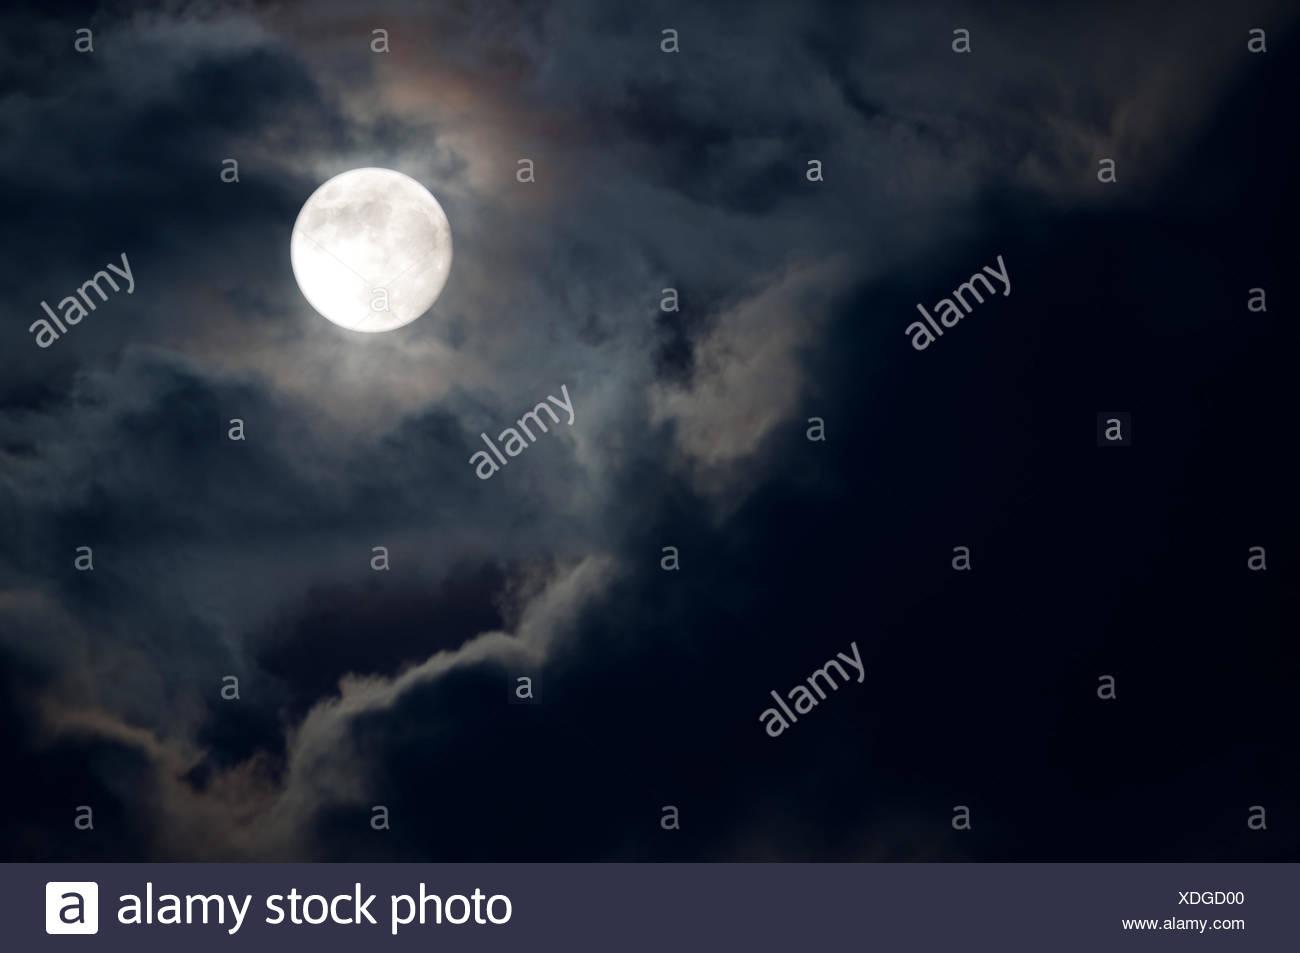 Schön Gute Nacht Mond Malvorlagen Bilder - Malvorlagen Von Tieren ...